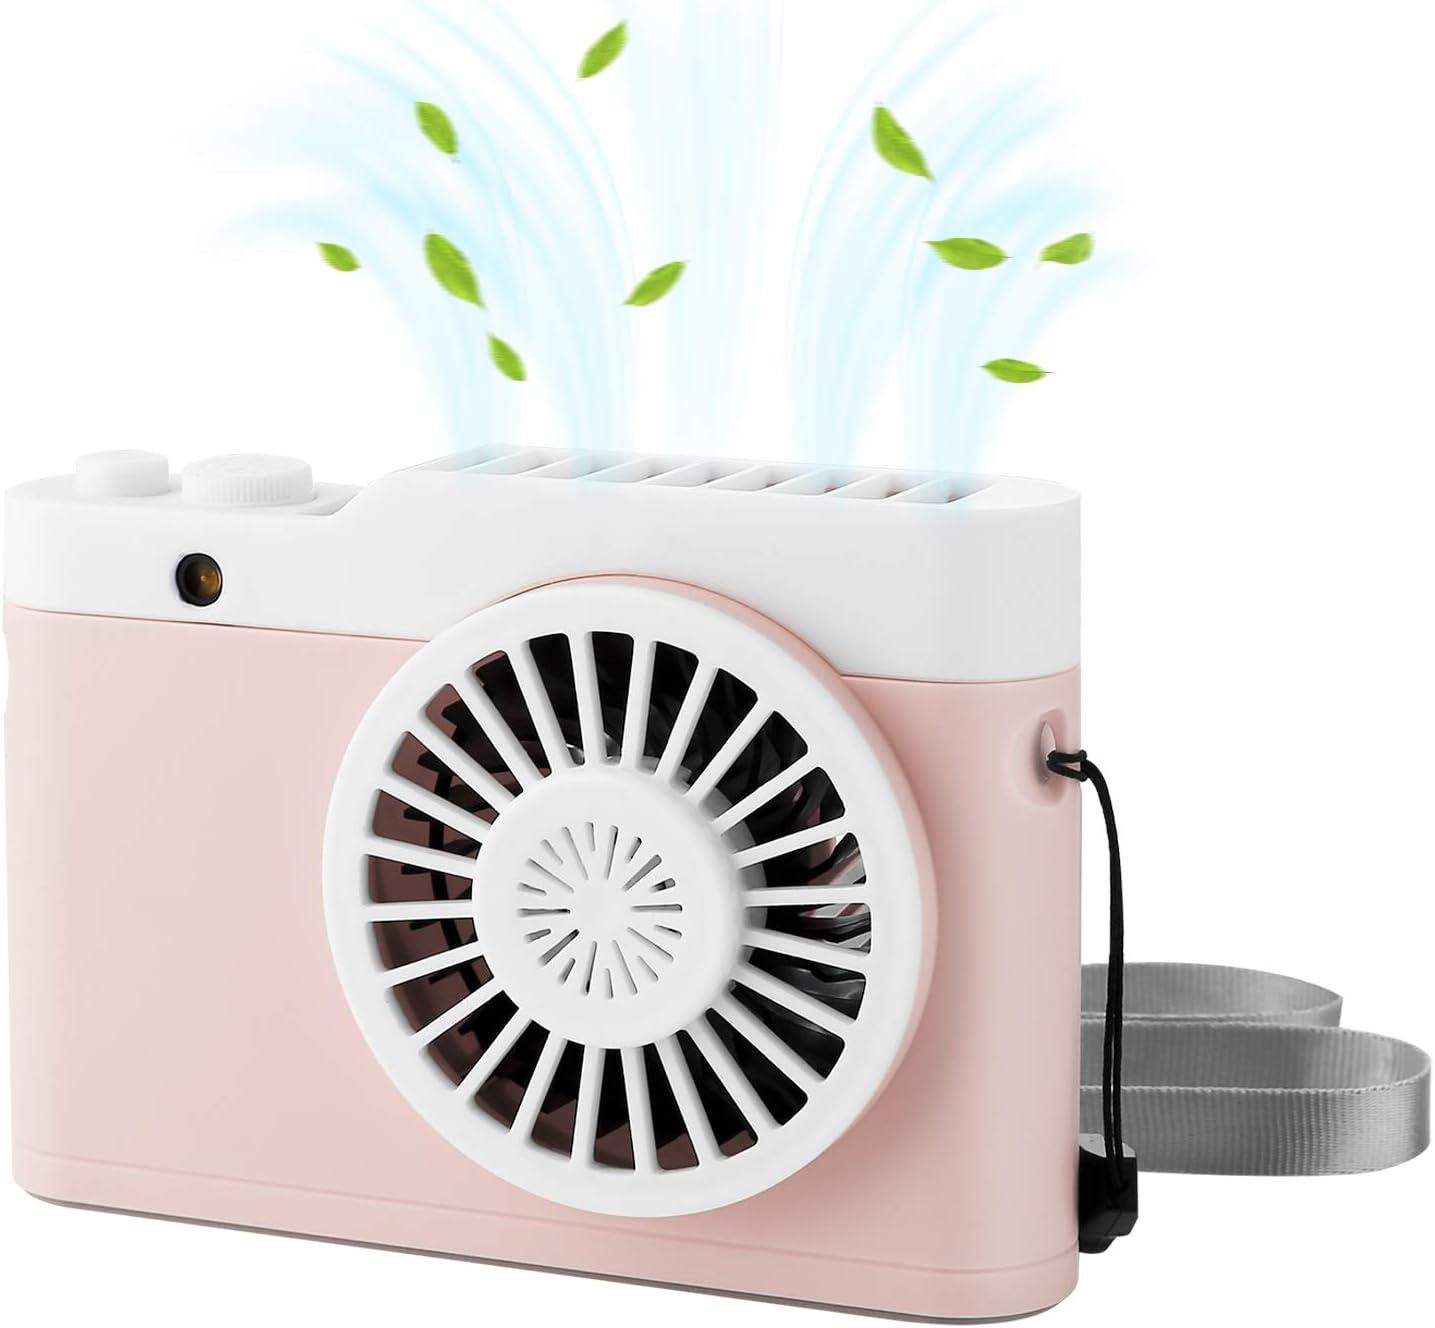 SH Cactus USB Fan Summer Cool Summer Mini Fan Boutique Battery Night Light Fan Desktop Fan Personal USB Desktop Fan with Hook Three Speed Wind Speed Adjustable